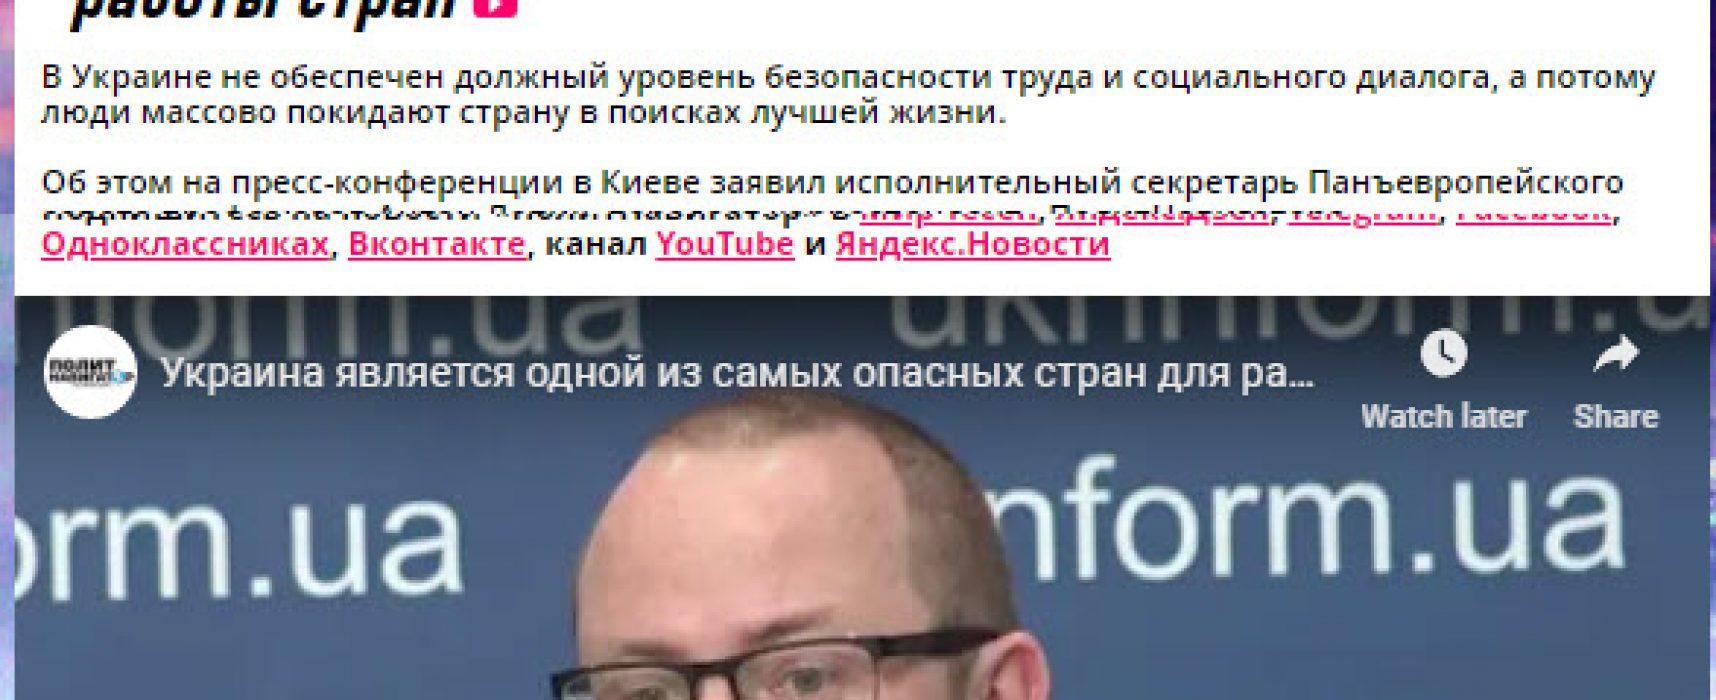 Фейк: Украину признали одной из самых опасных стран для работы